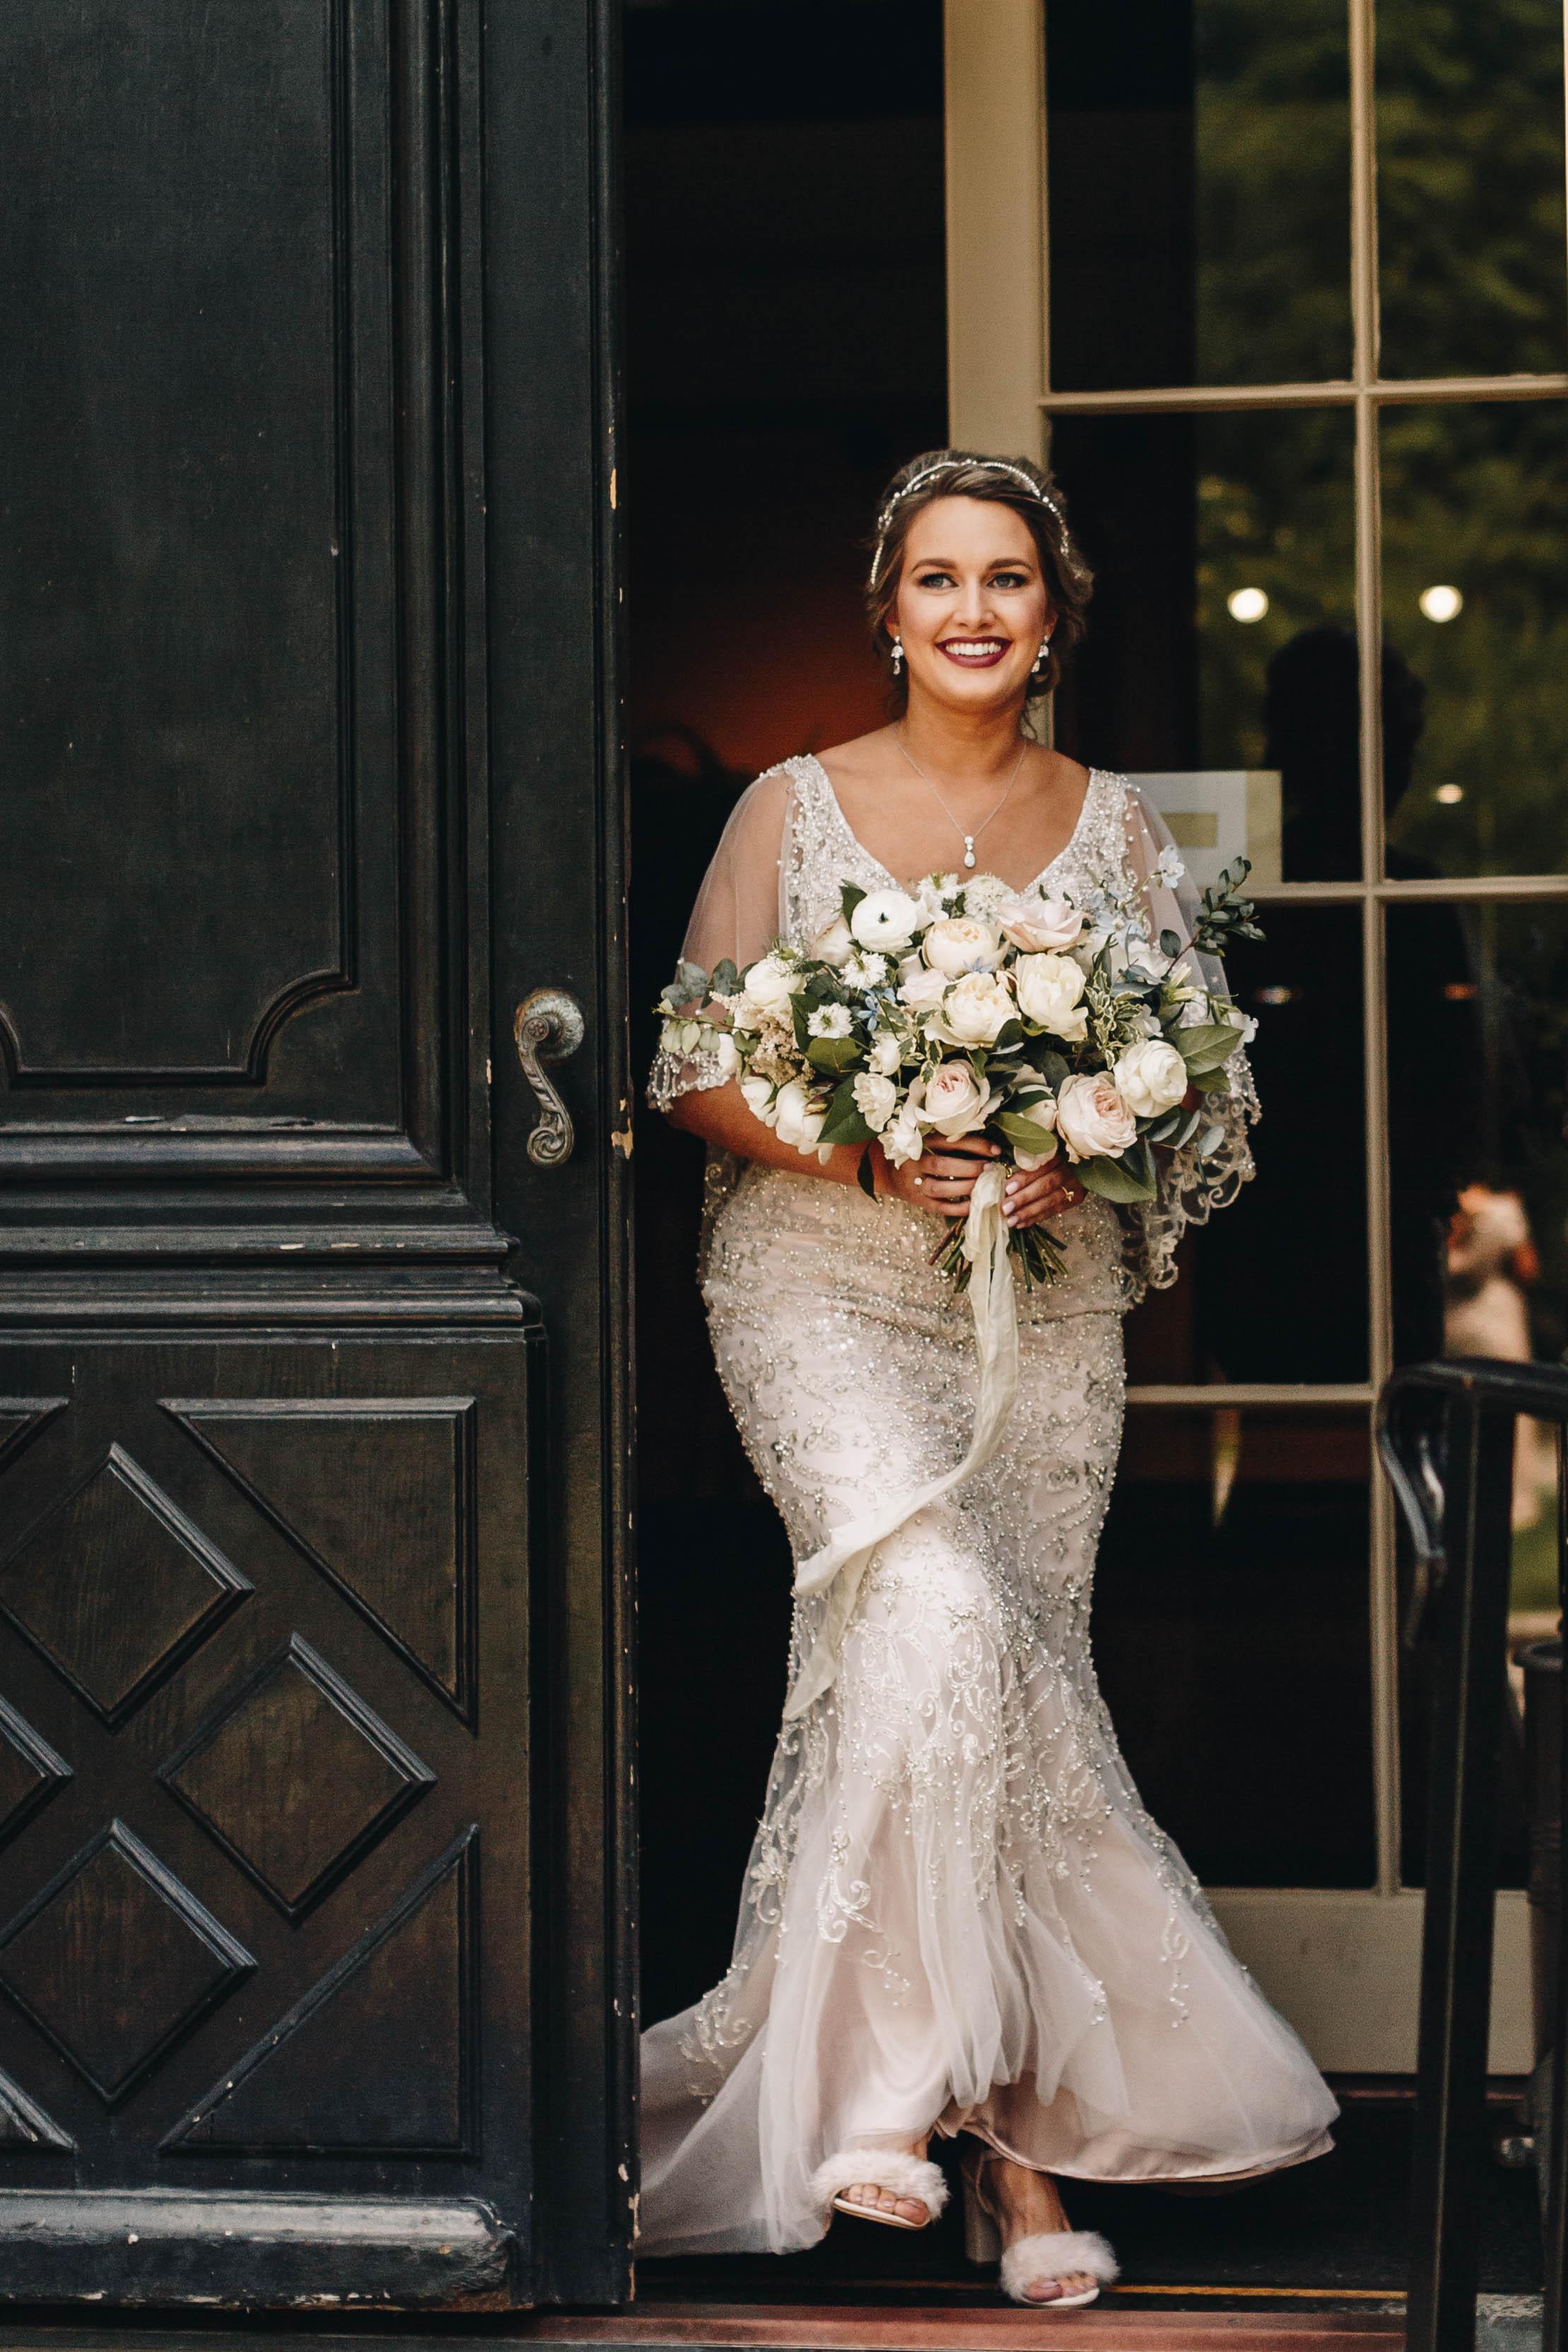 Cincinnati+wedding+photographer.jpeg